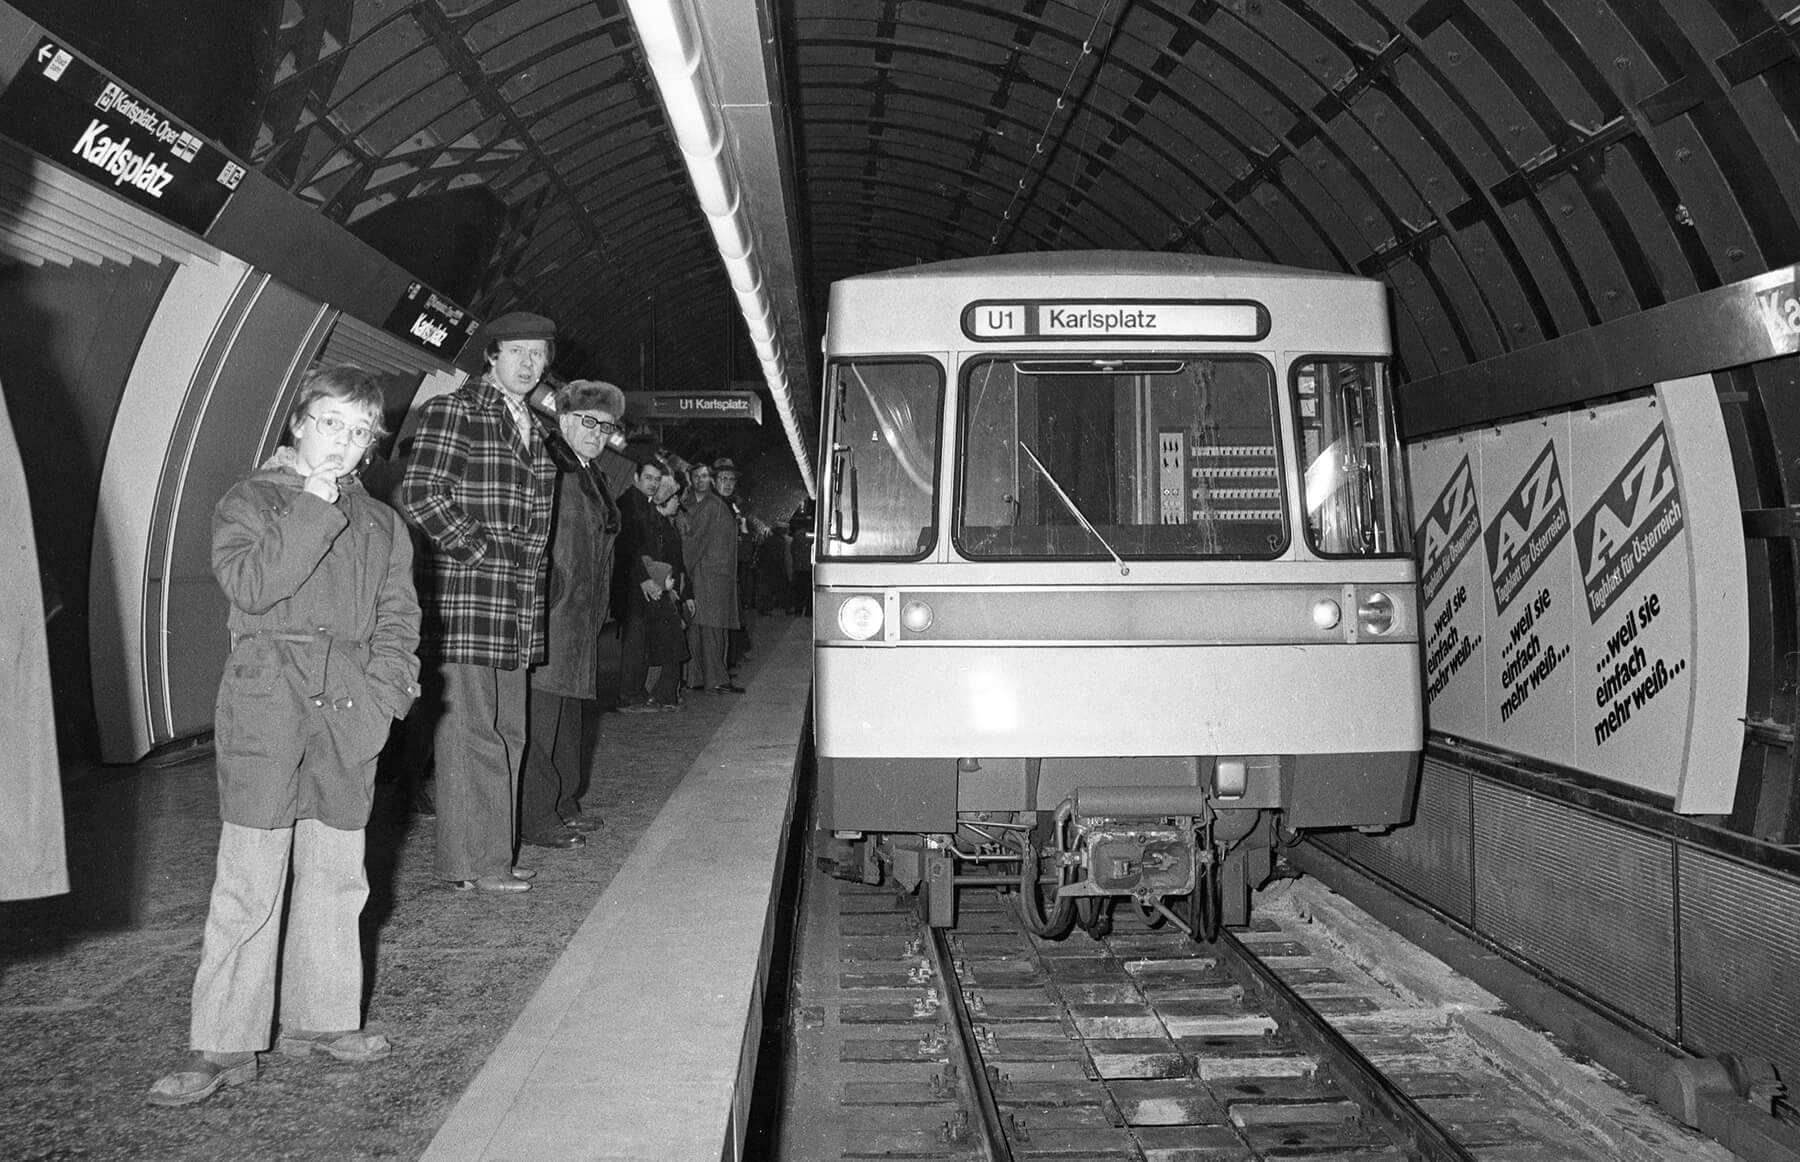 U1 Station Karlsplatz - Eröffnung 1978